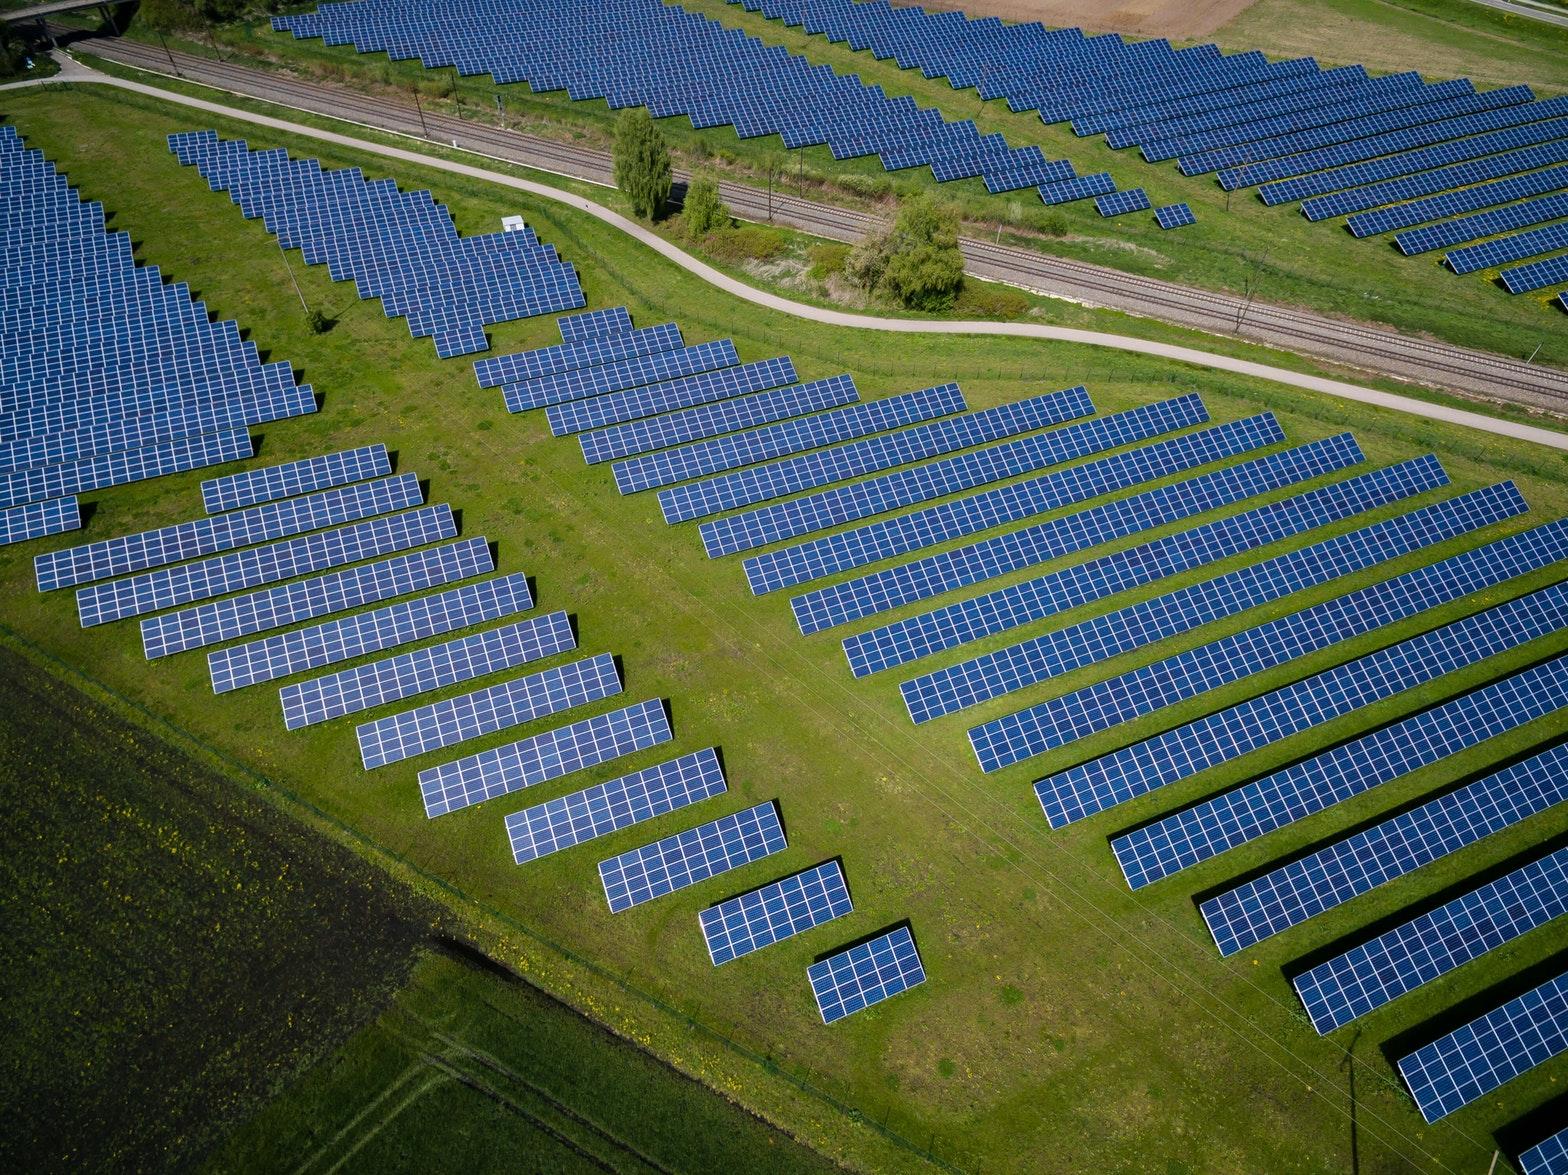 Die Energiewende in Deutschland- Erneuerbare Energien, Solar- und Windenergien